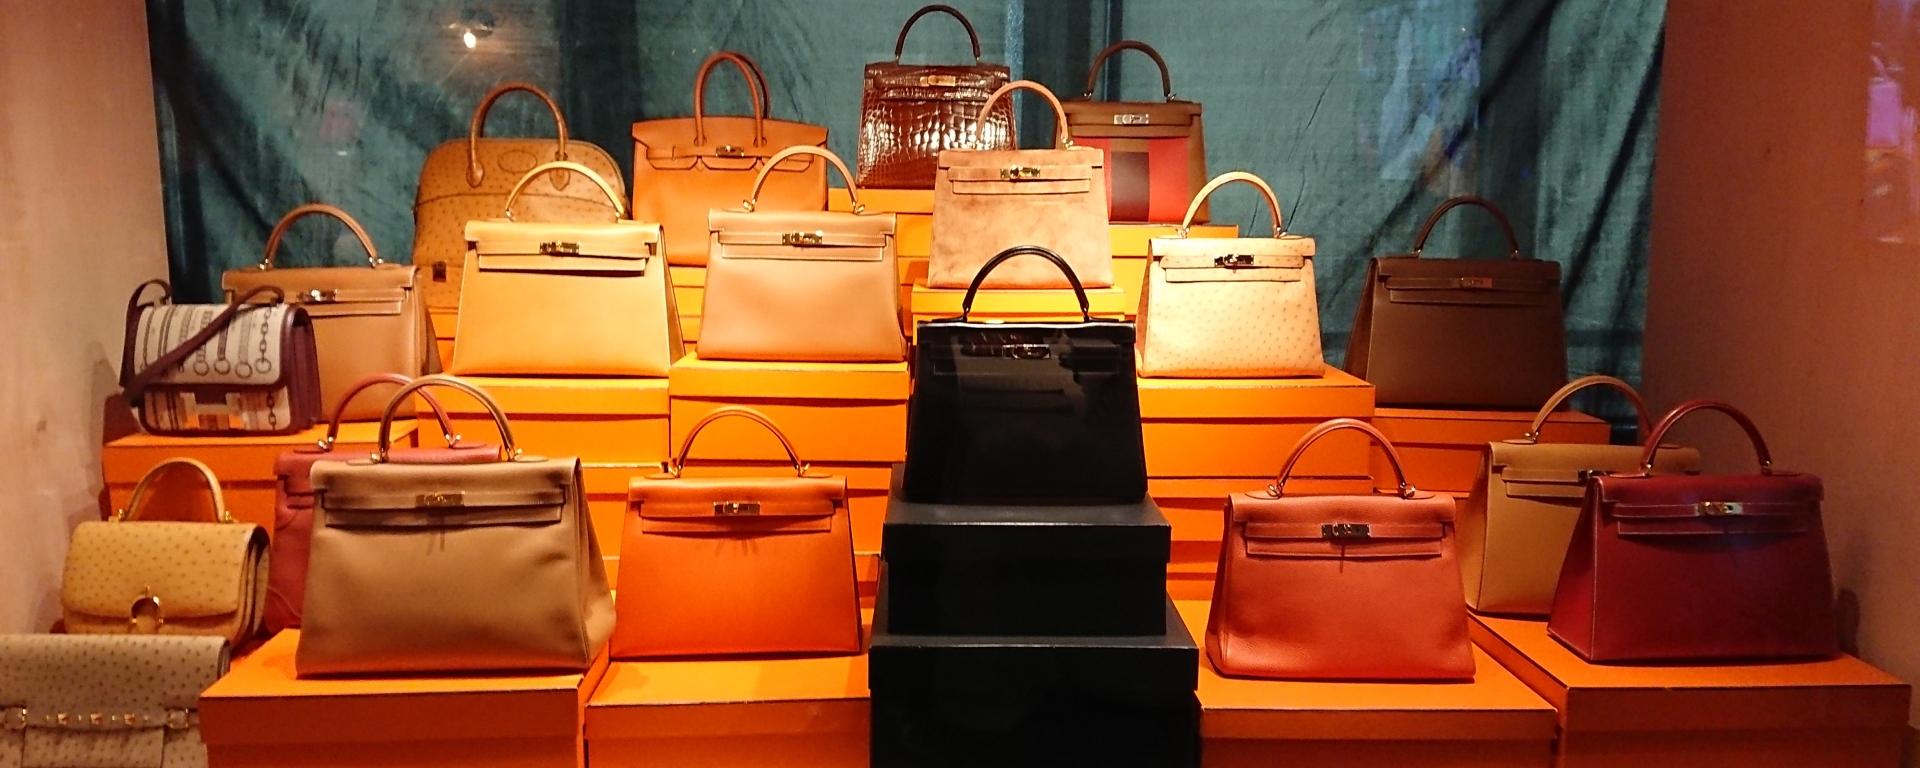 經典Hermes手裝飾品拍賣會